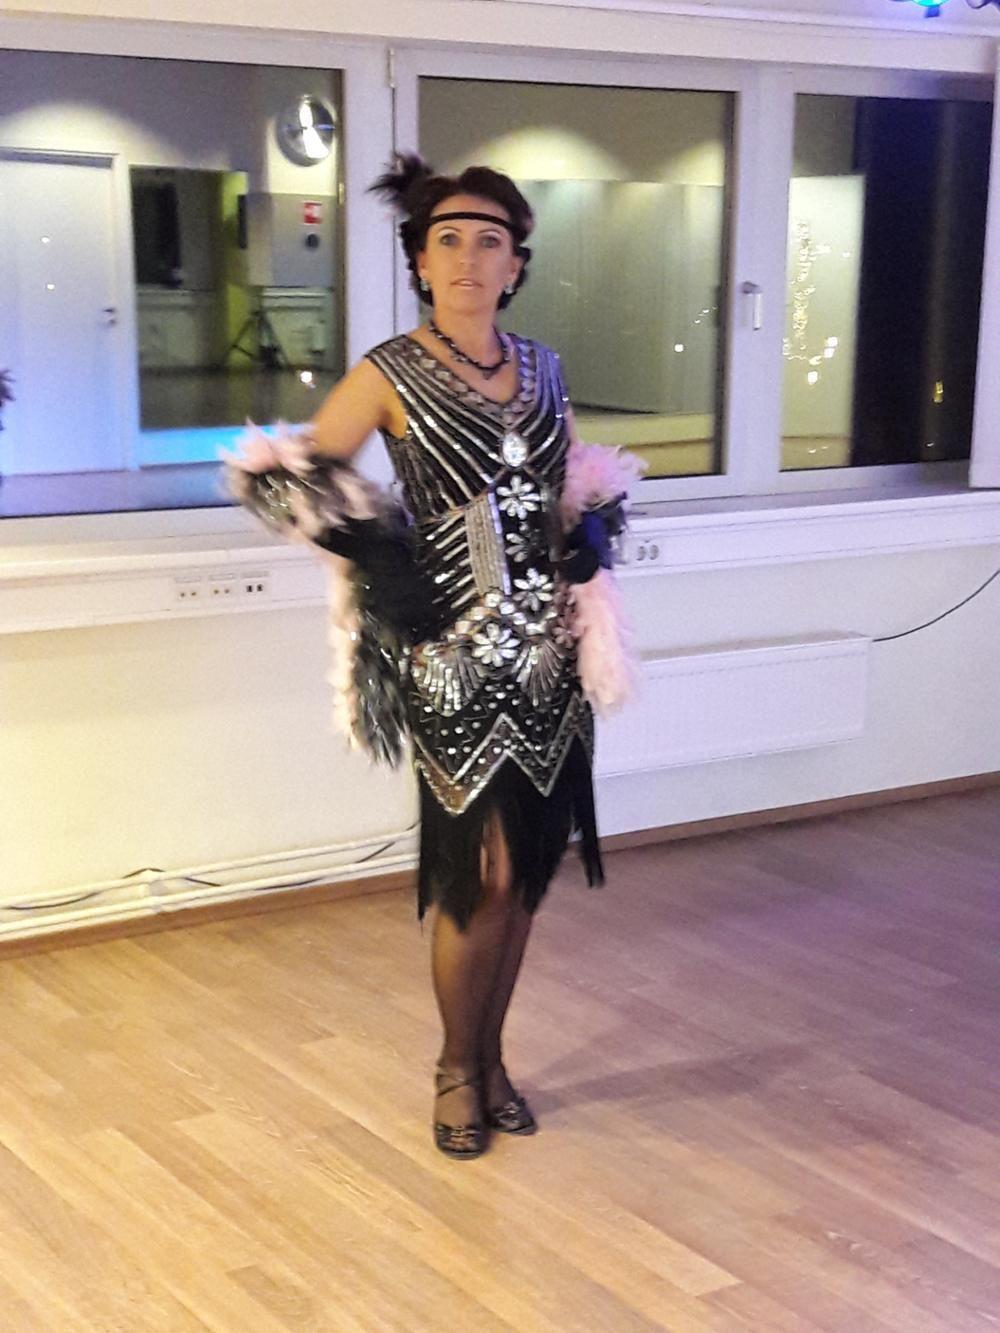 1920年代風 フラッパードレス レディース アールデコ 華麗なるギャツビー風 グレートギャツビー風 スパンコールドレス ビーズ パーティードレス ダンス衣装にも